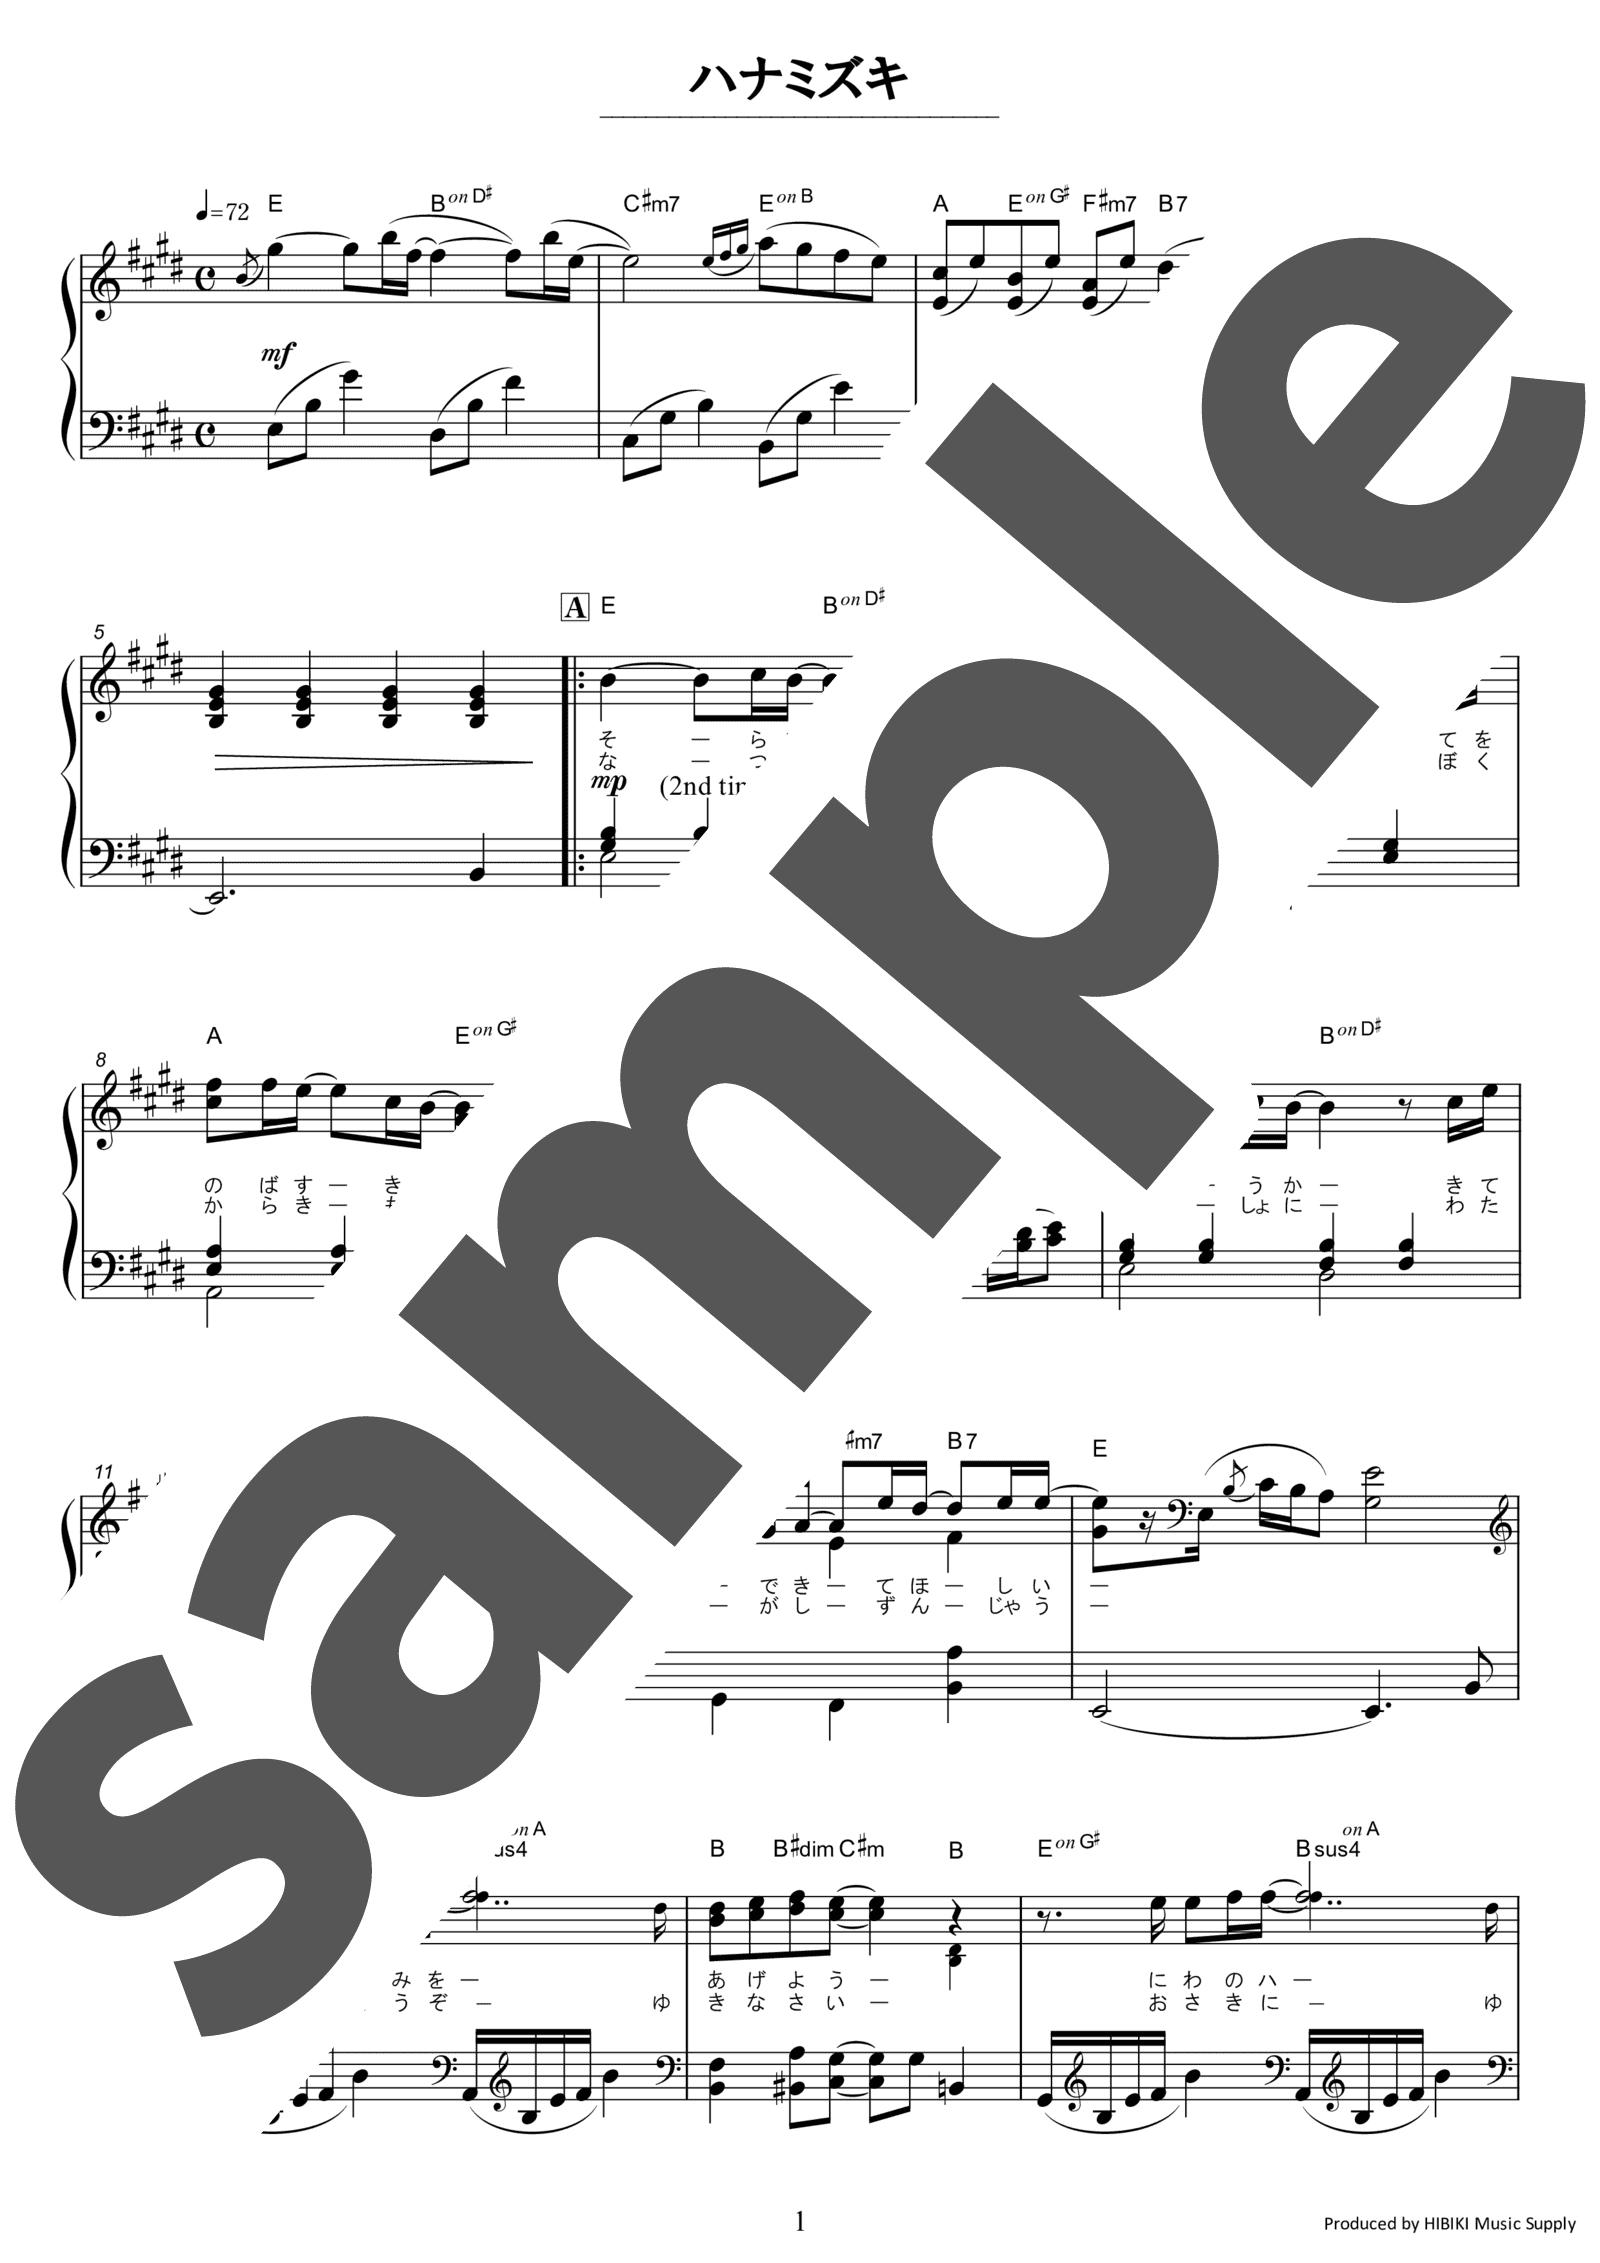 「ハナミズキ」のサンプル楽譜